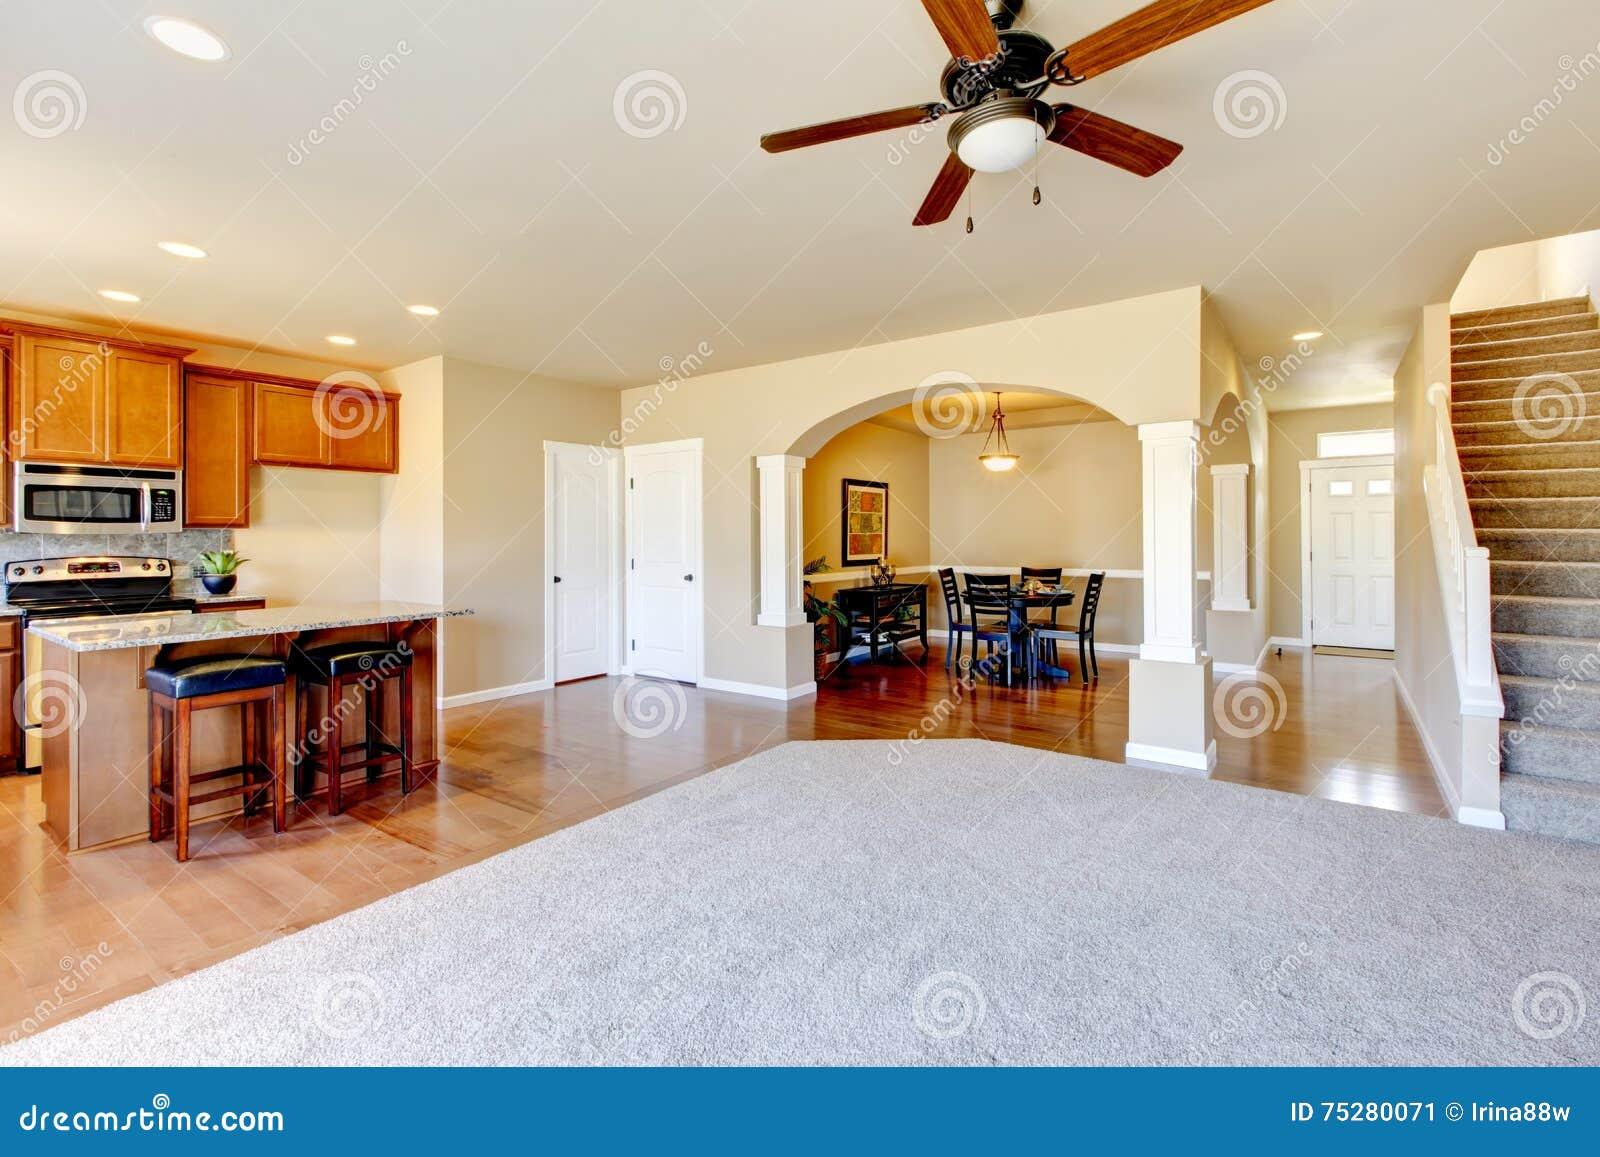 Eetkamer Keuken Open : Open vloerplan mening van keuken eetkamer en entryway stock